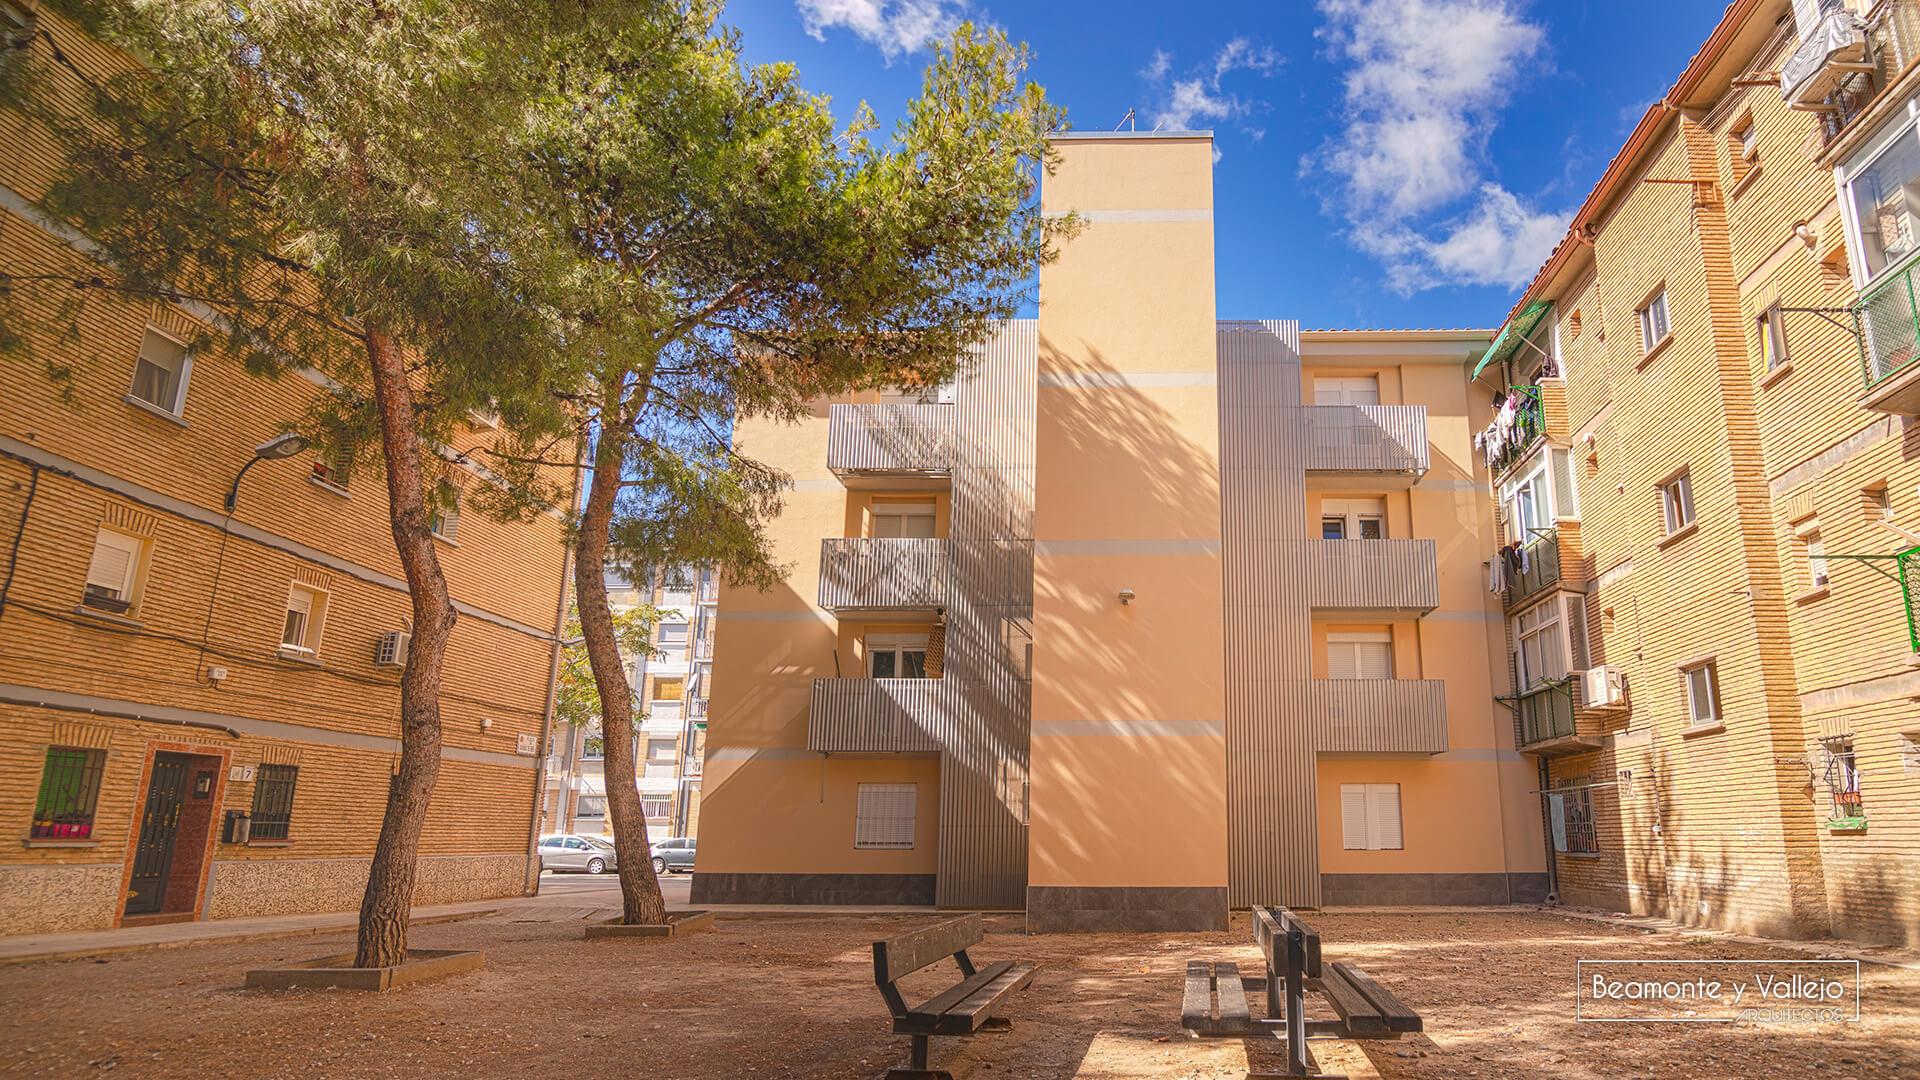 Beamonte y Vallejo arquitectos - Rehabilitación energética valle de pineta - 16